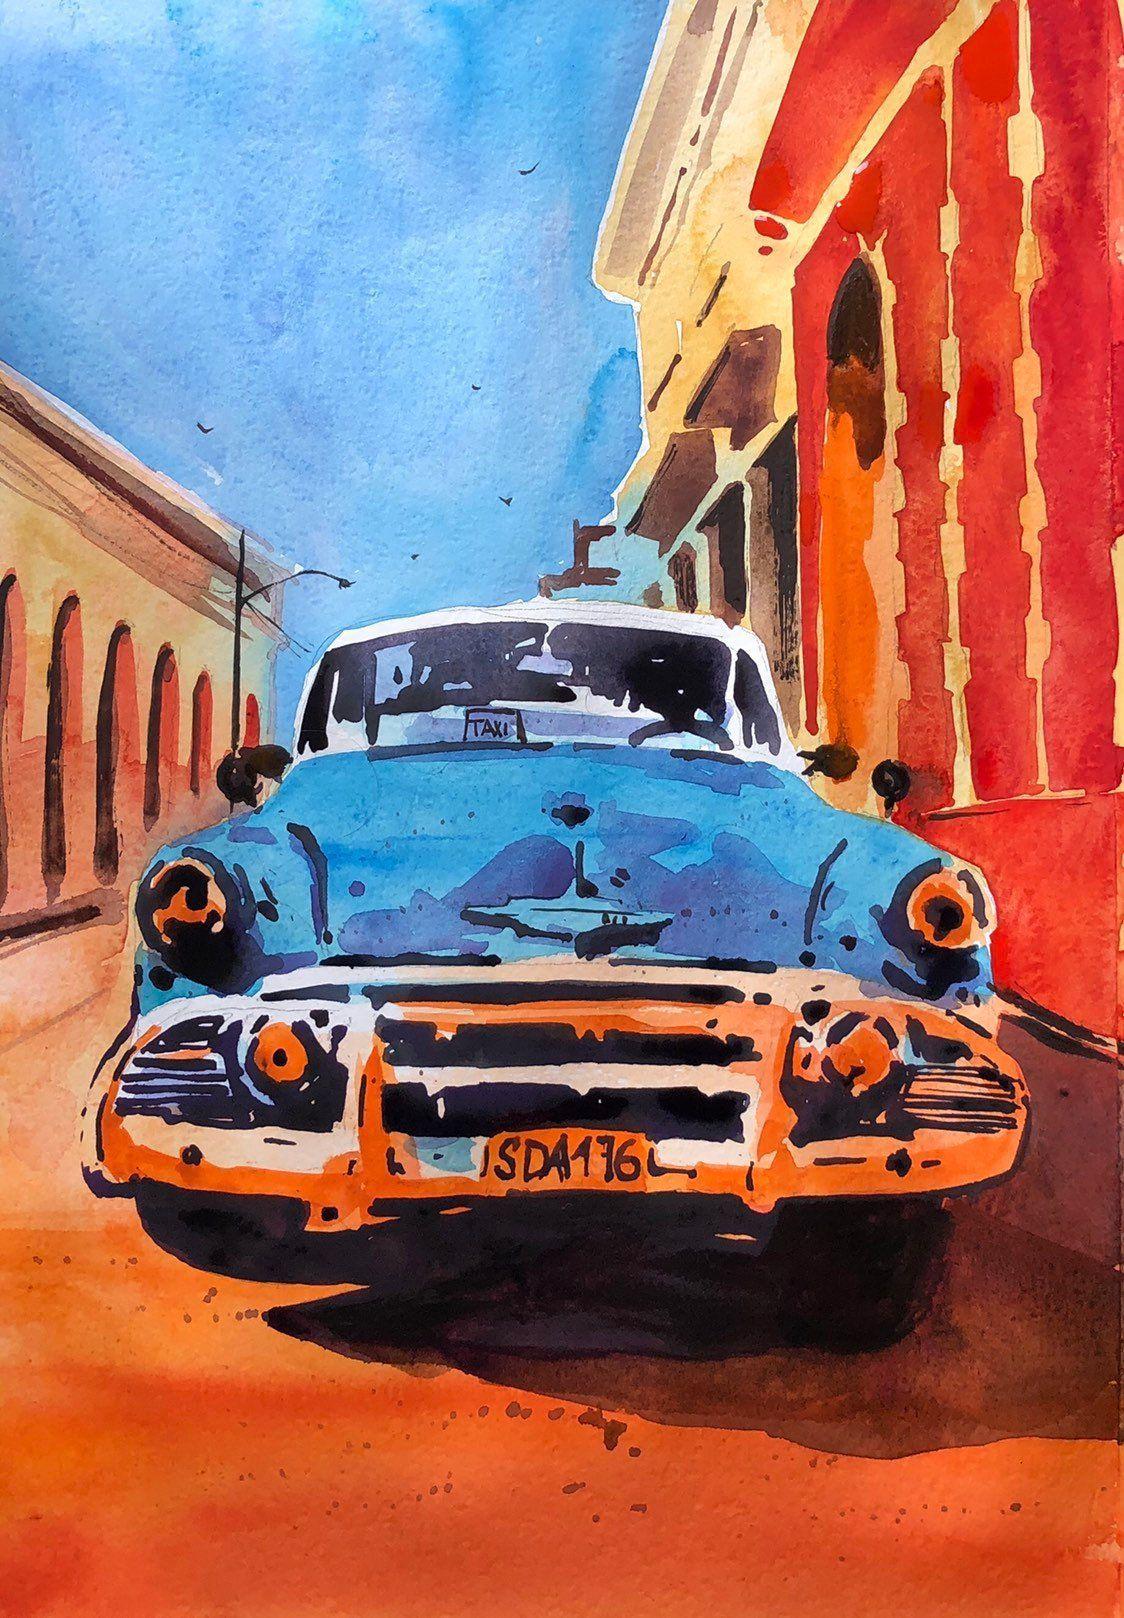 Blue Chevrolet Bel Air In Trinidad Car Watercolor Painting Cuba Painting Cuban Art Cuba Classic Cuban Art Cuba Painting Cuban Art Cuba Painting